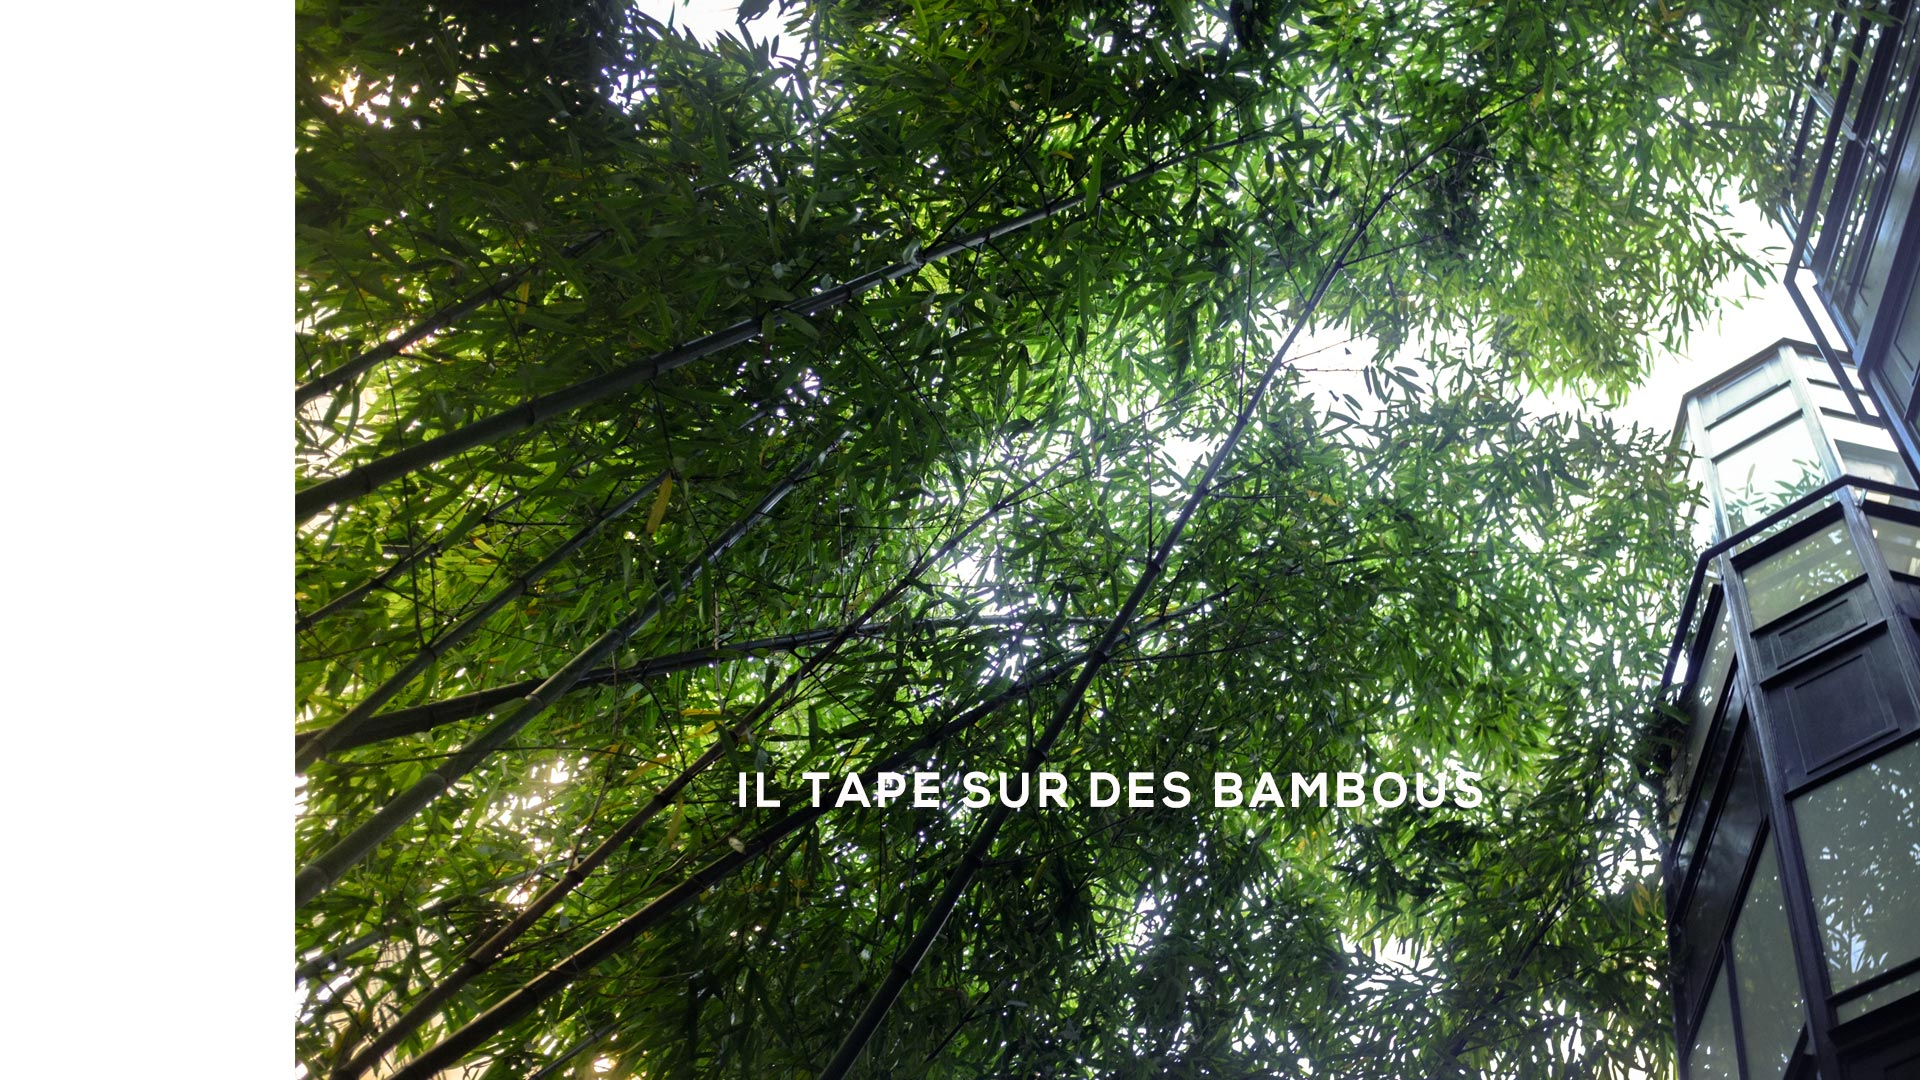 Il tape sur des bambous